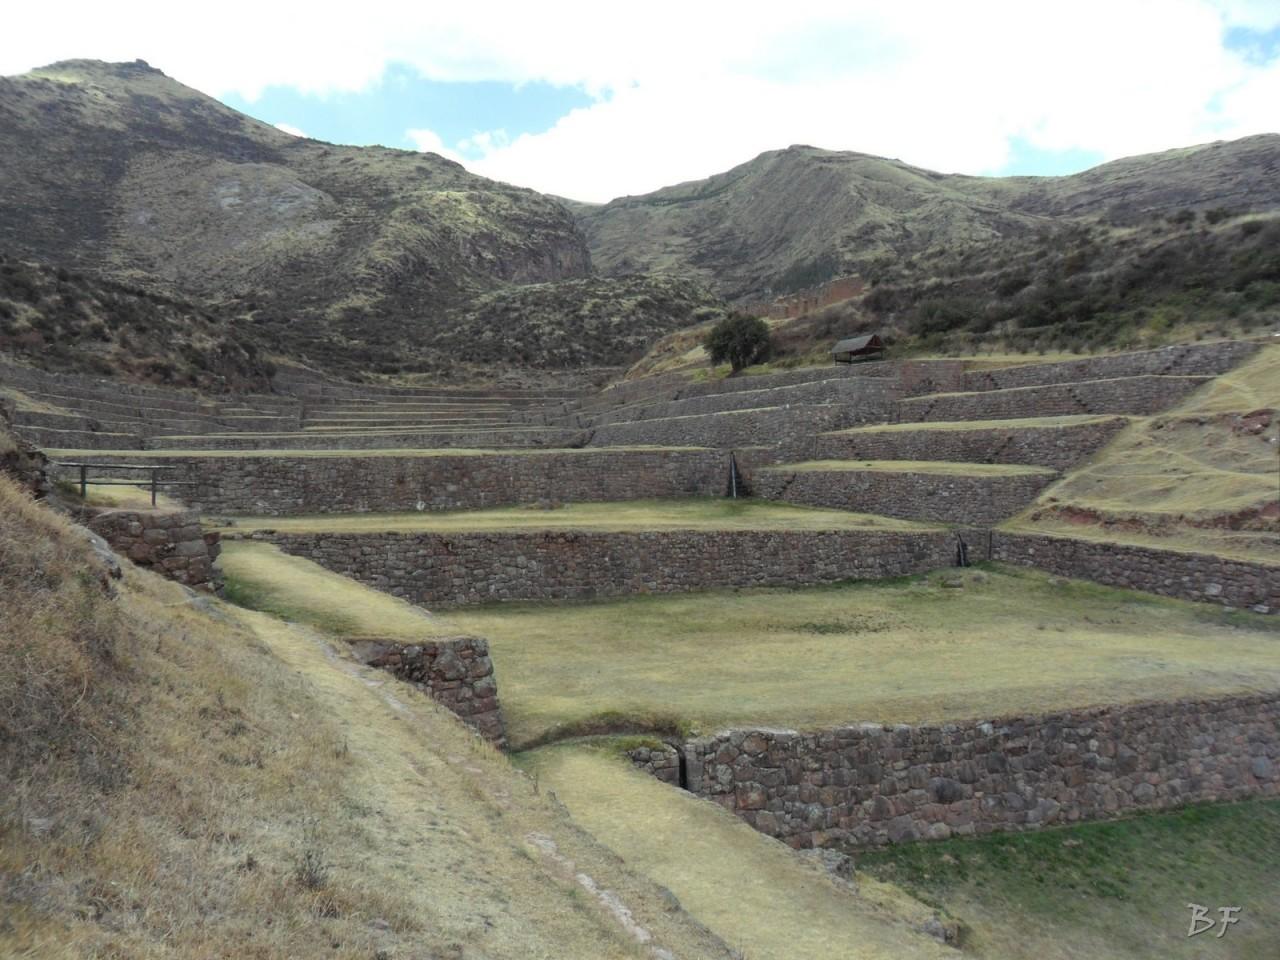 Mura-Poligonali-Megaliti-Tipon-Oropesa-Cusco-Perù-12